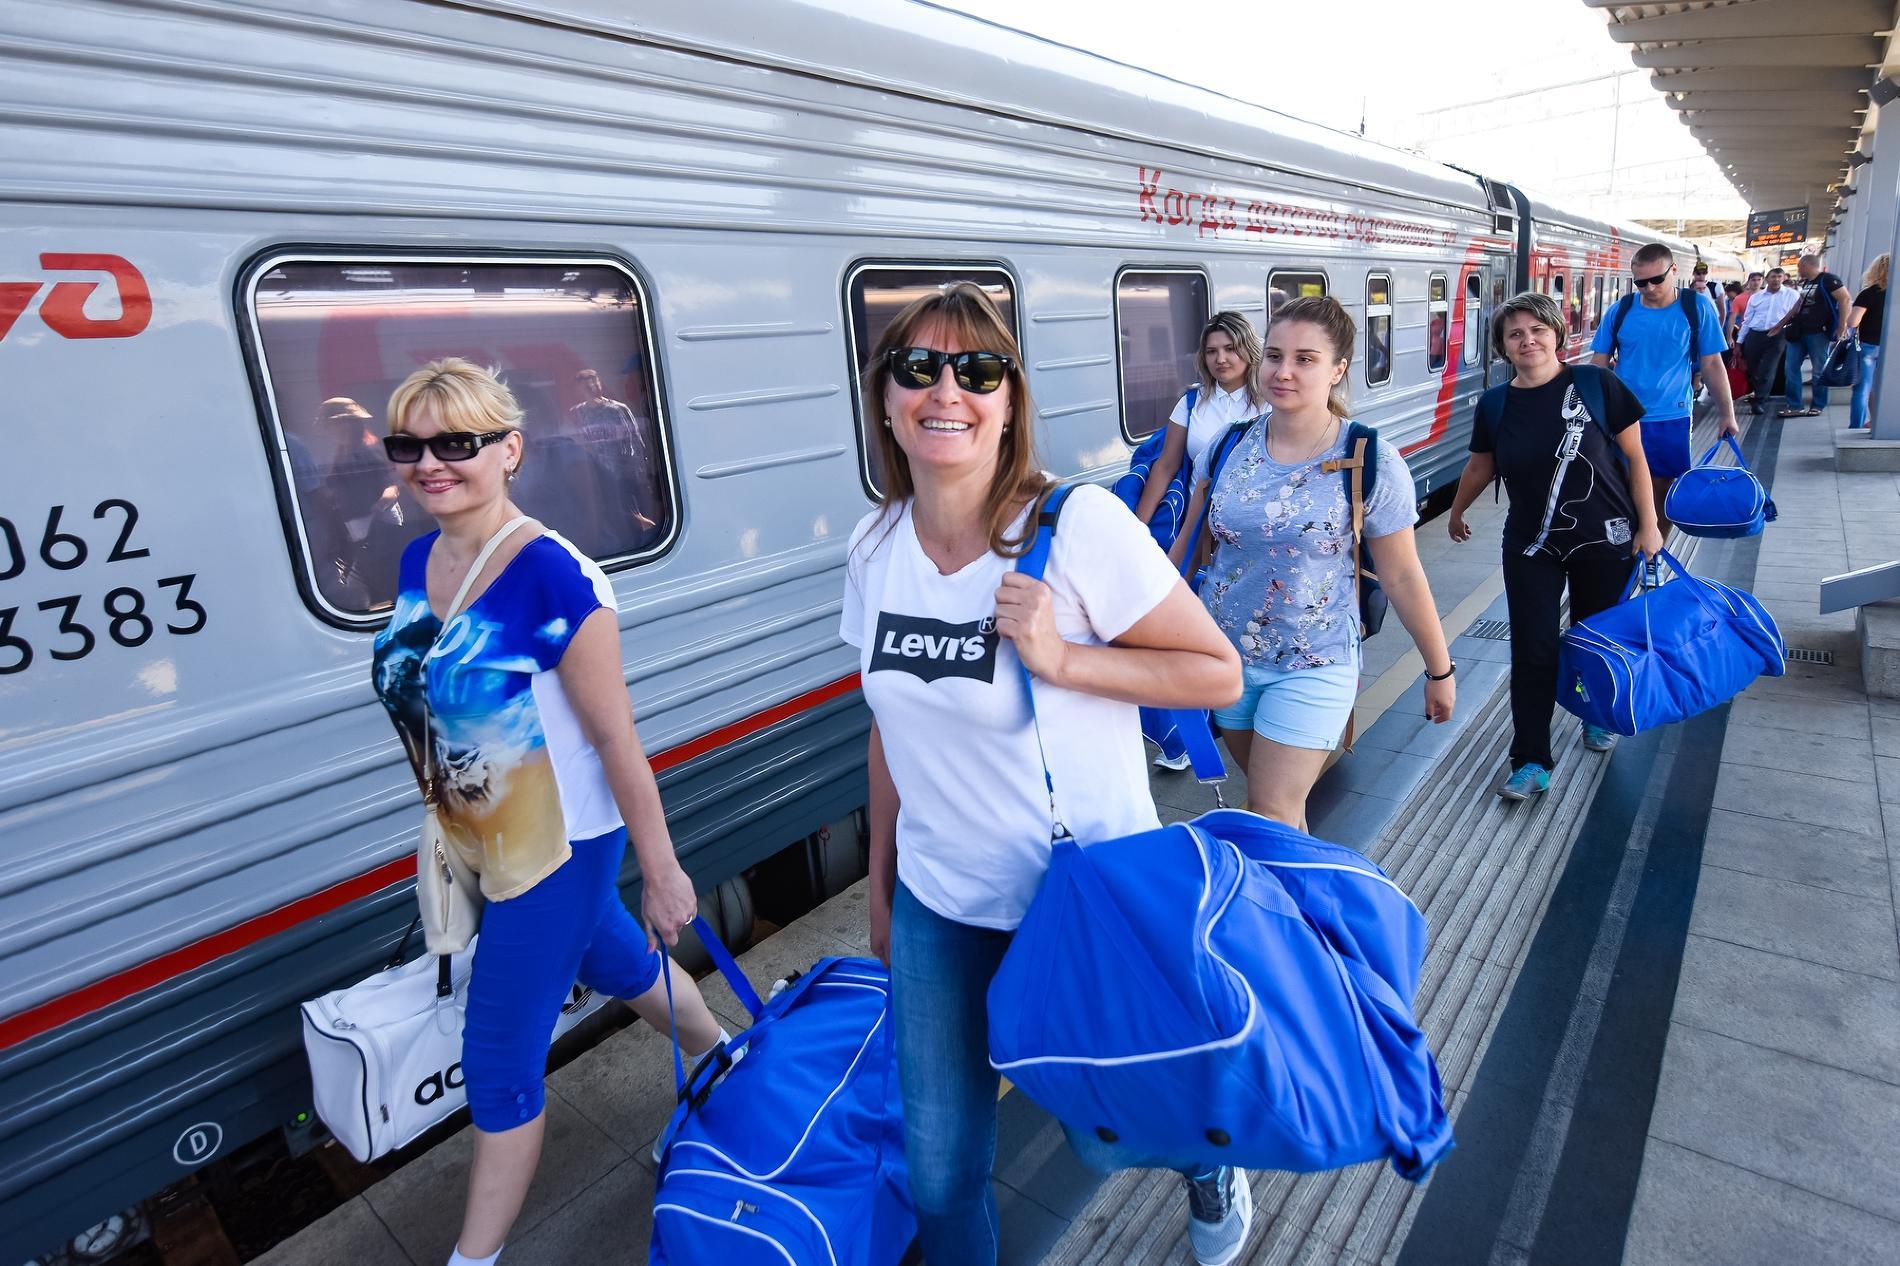 Встреча участников Спартакиады в Сочи ©Юга.ру